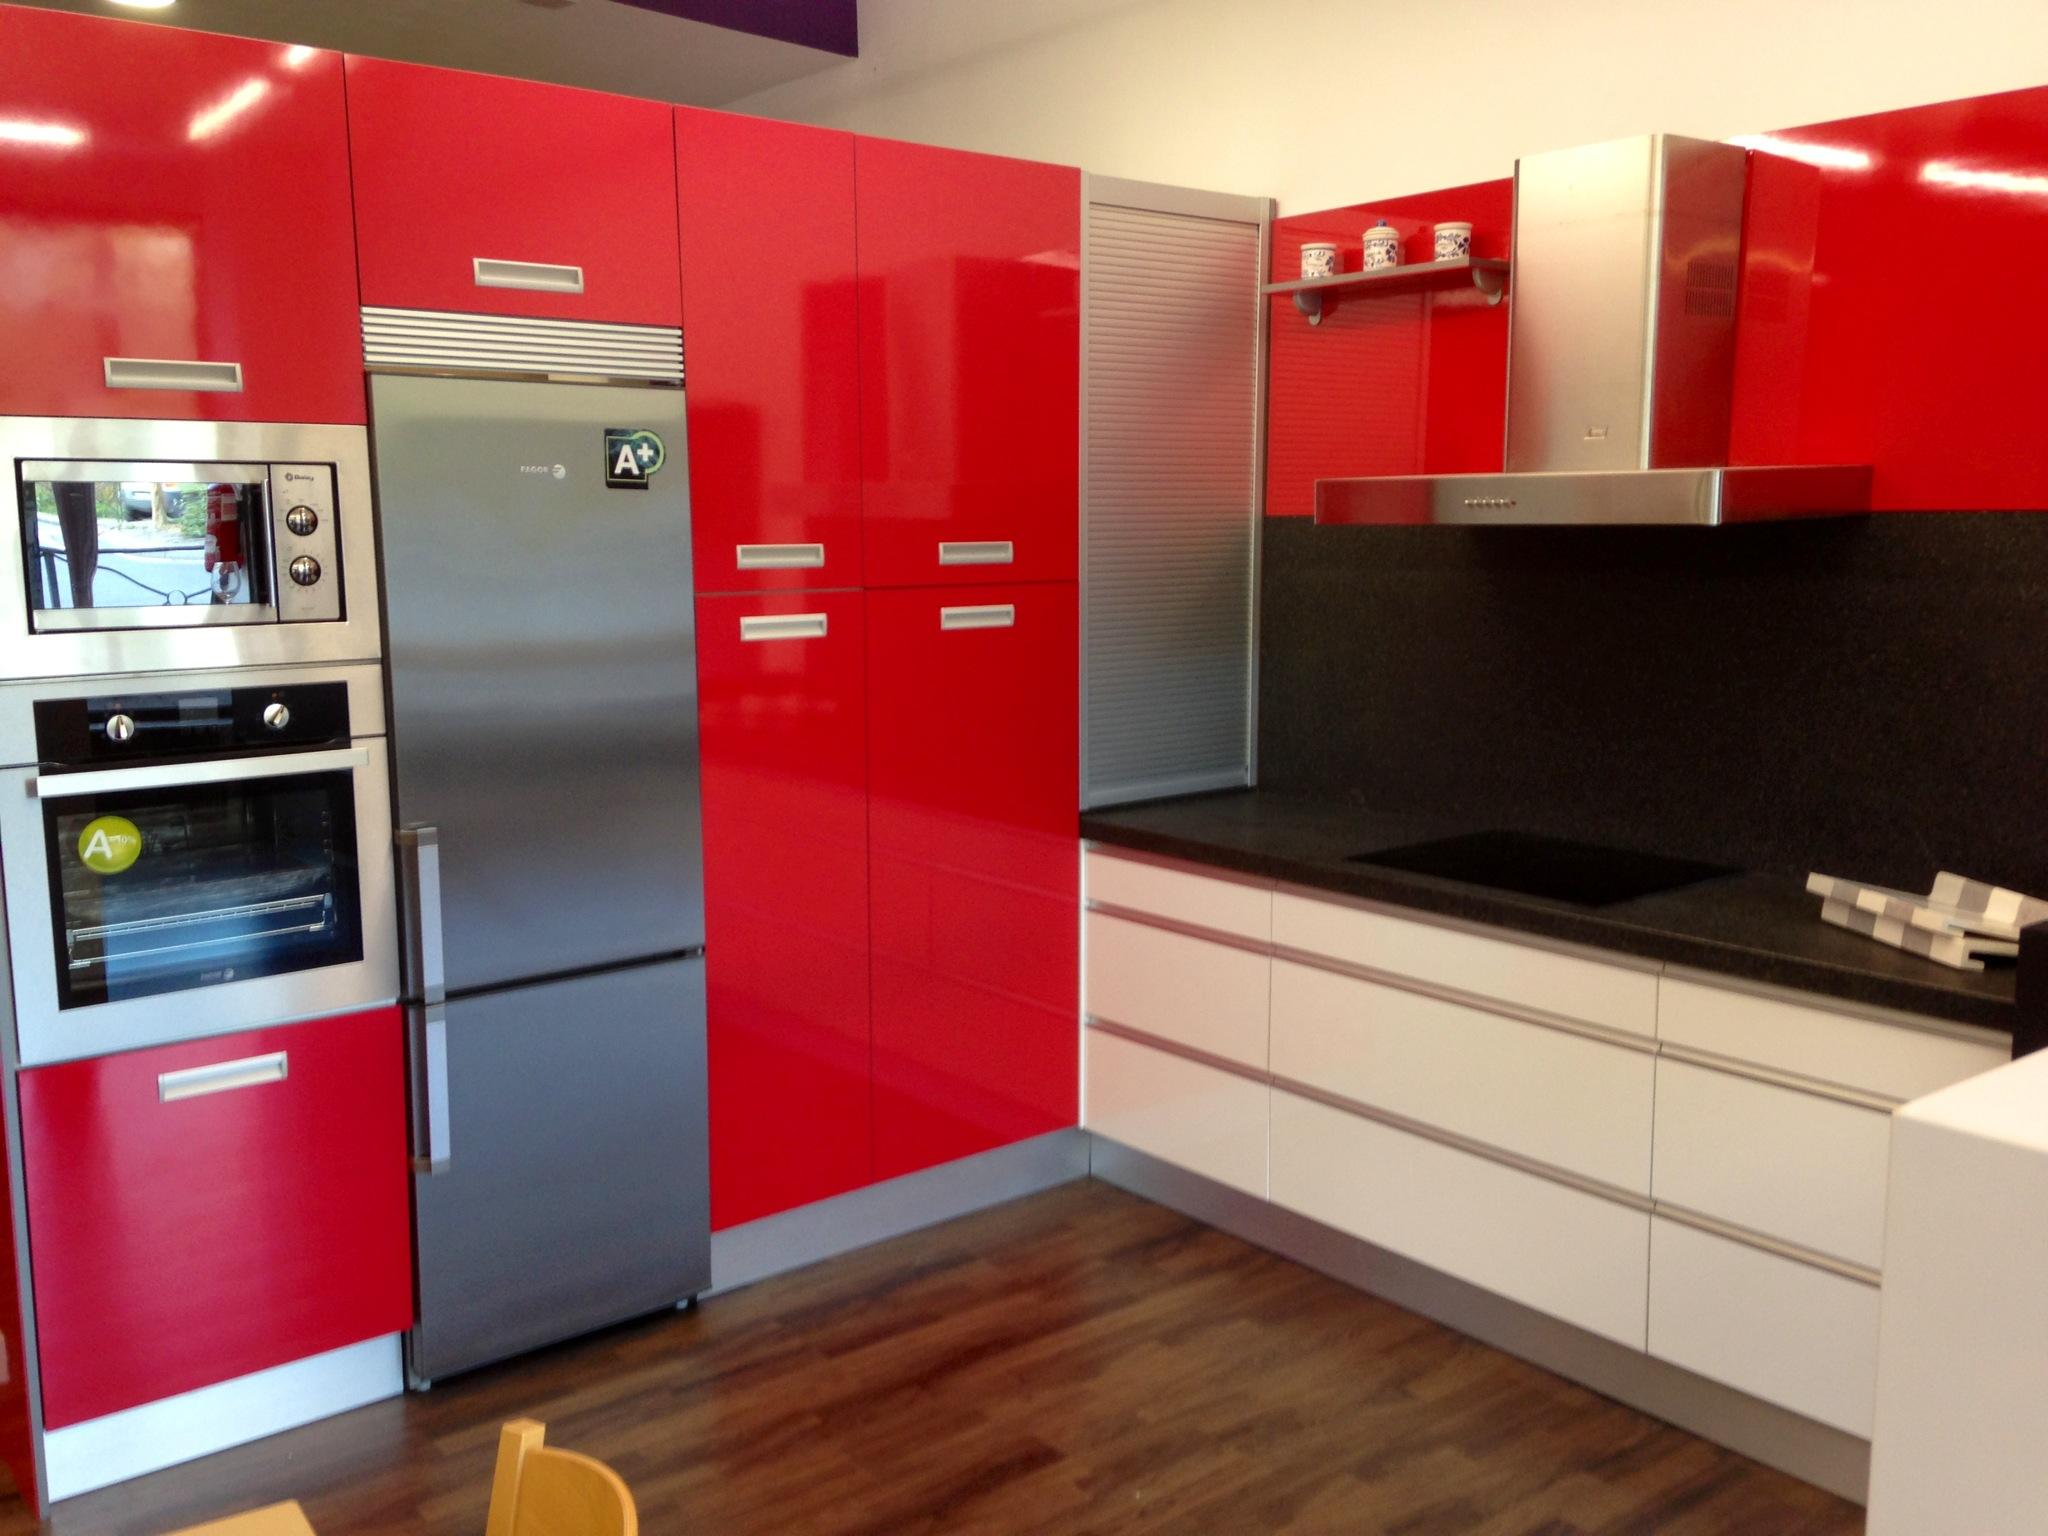 Gamacocinas galeria - Muebles de cocina de exposicion ...